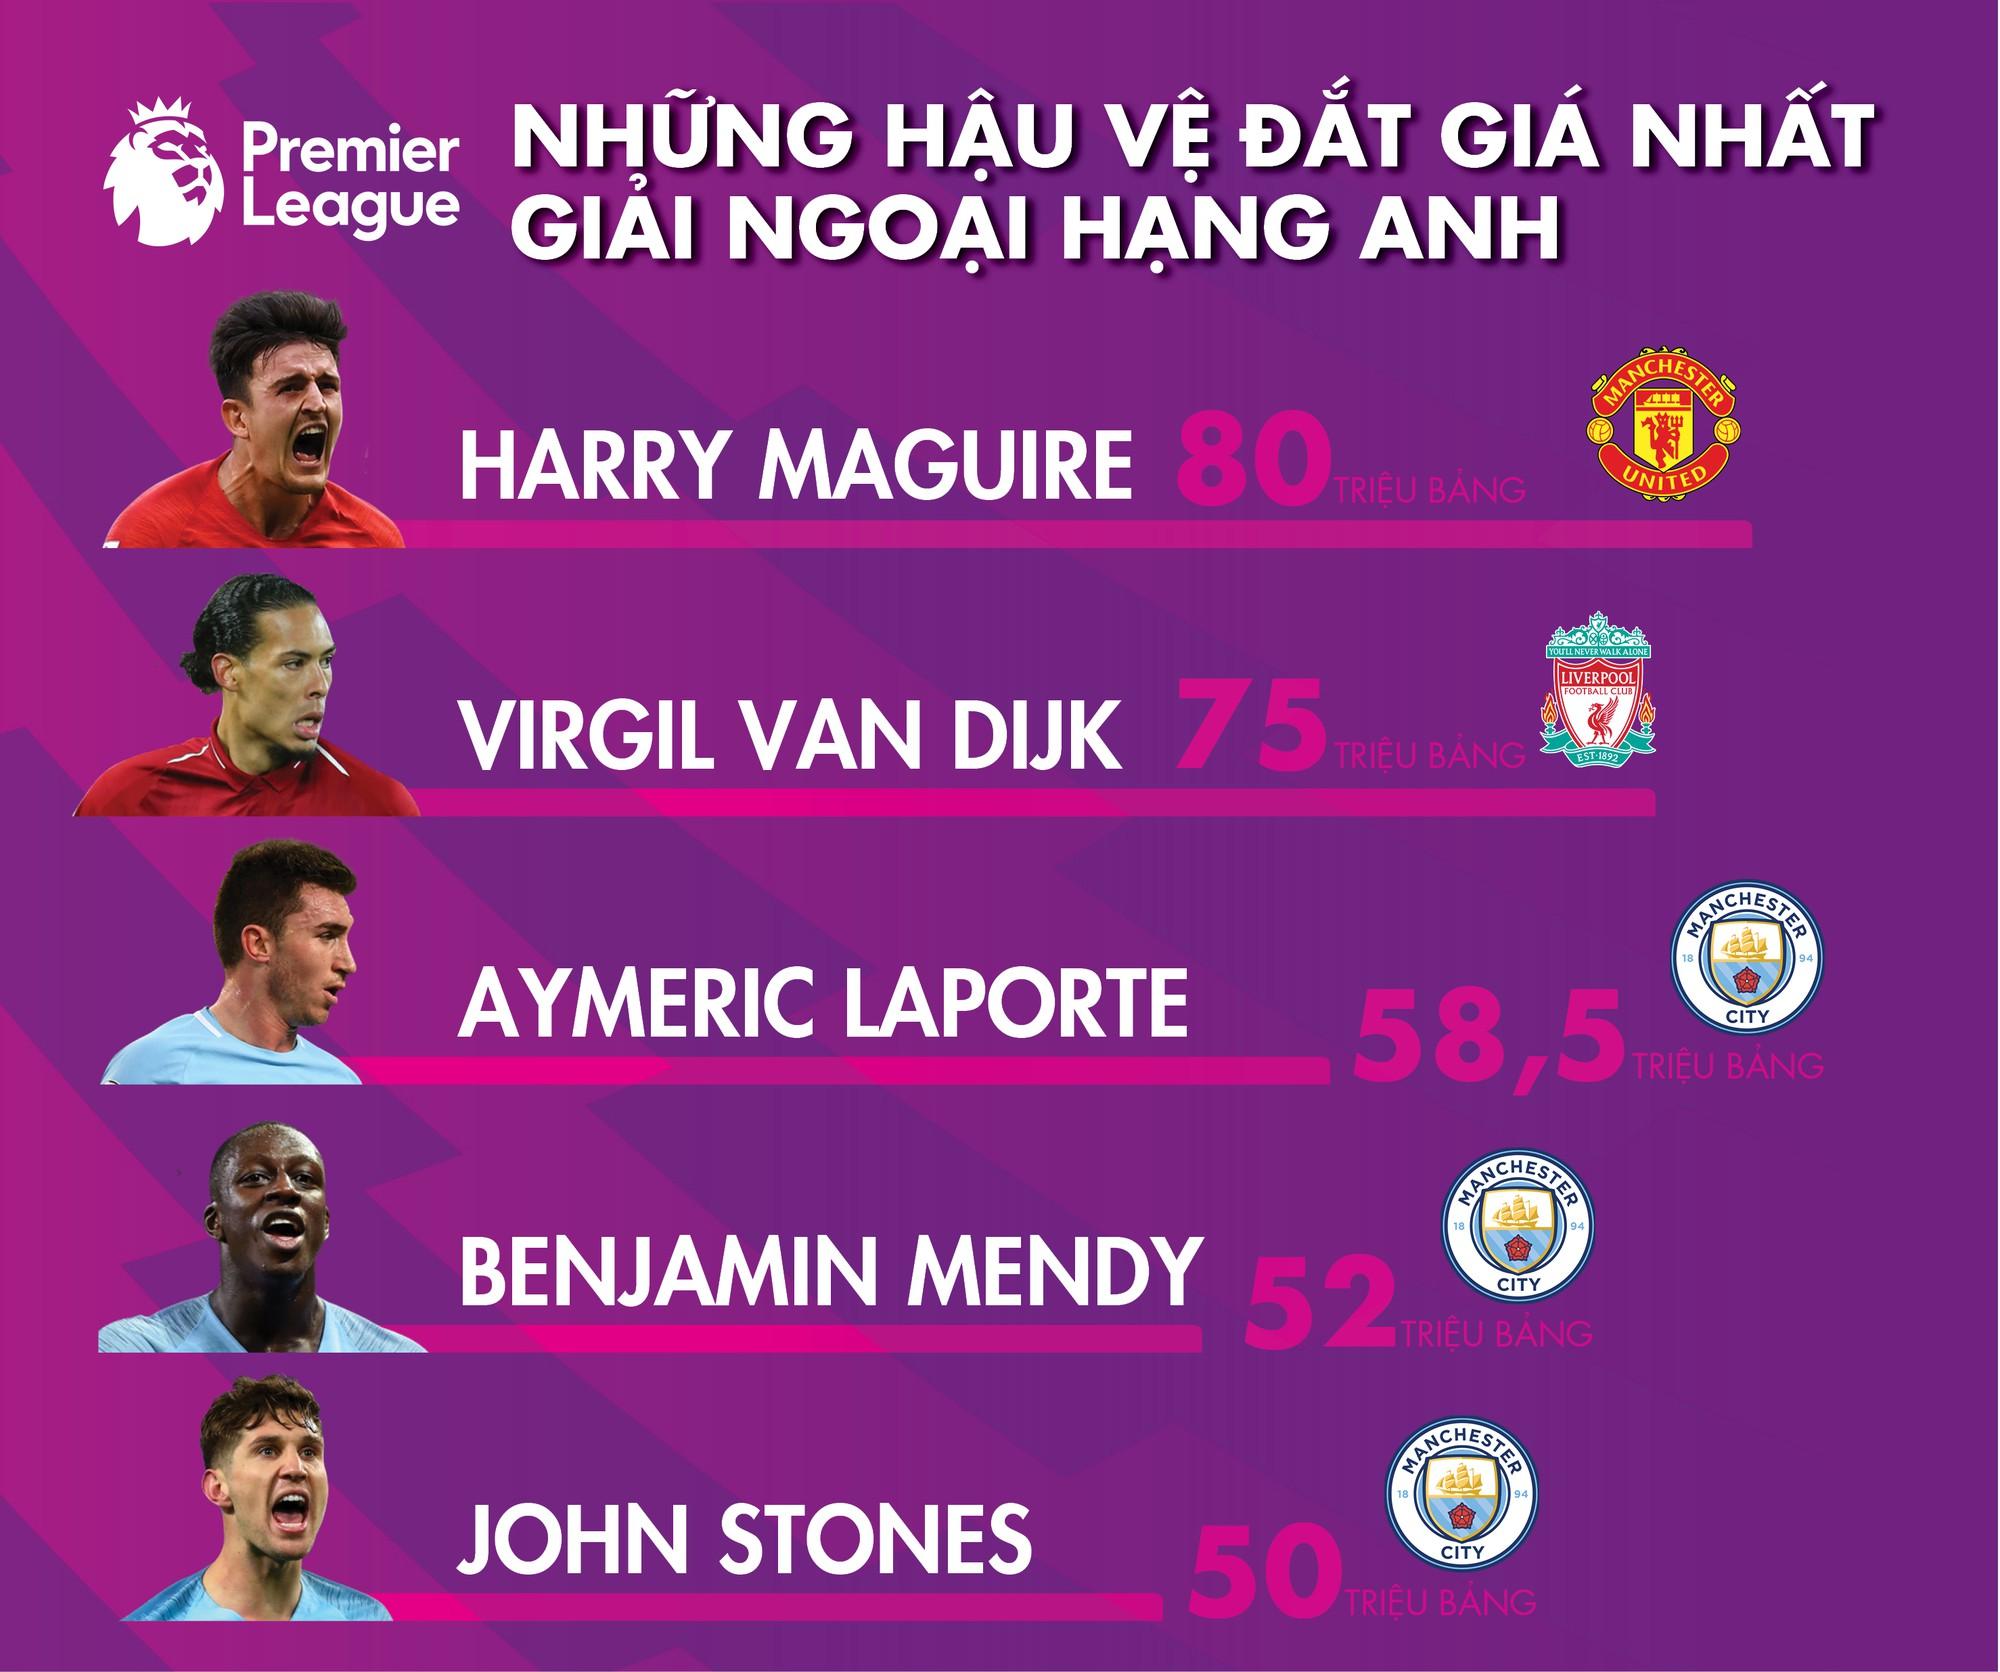 Van Dijk, Maguire và những Messi trong làng hậu vệ - Ảnh 4.